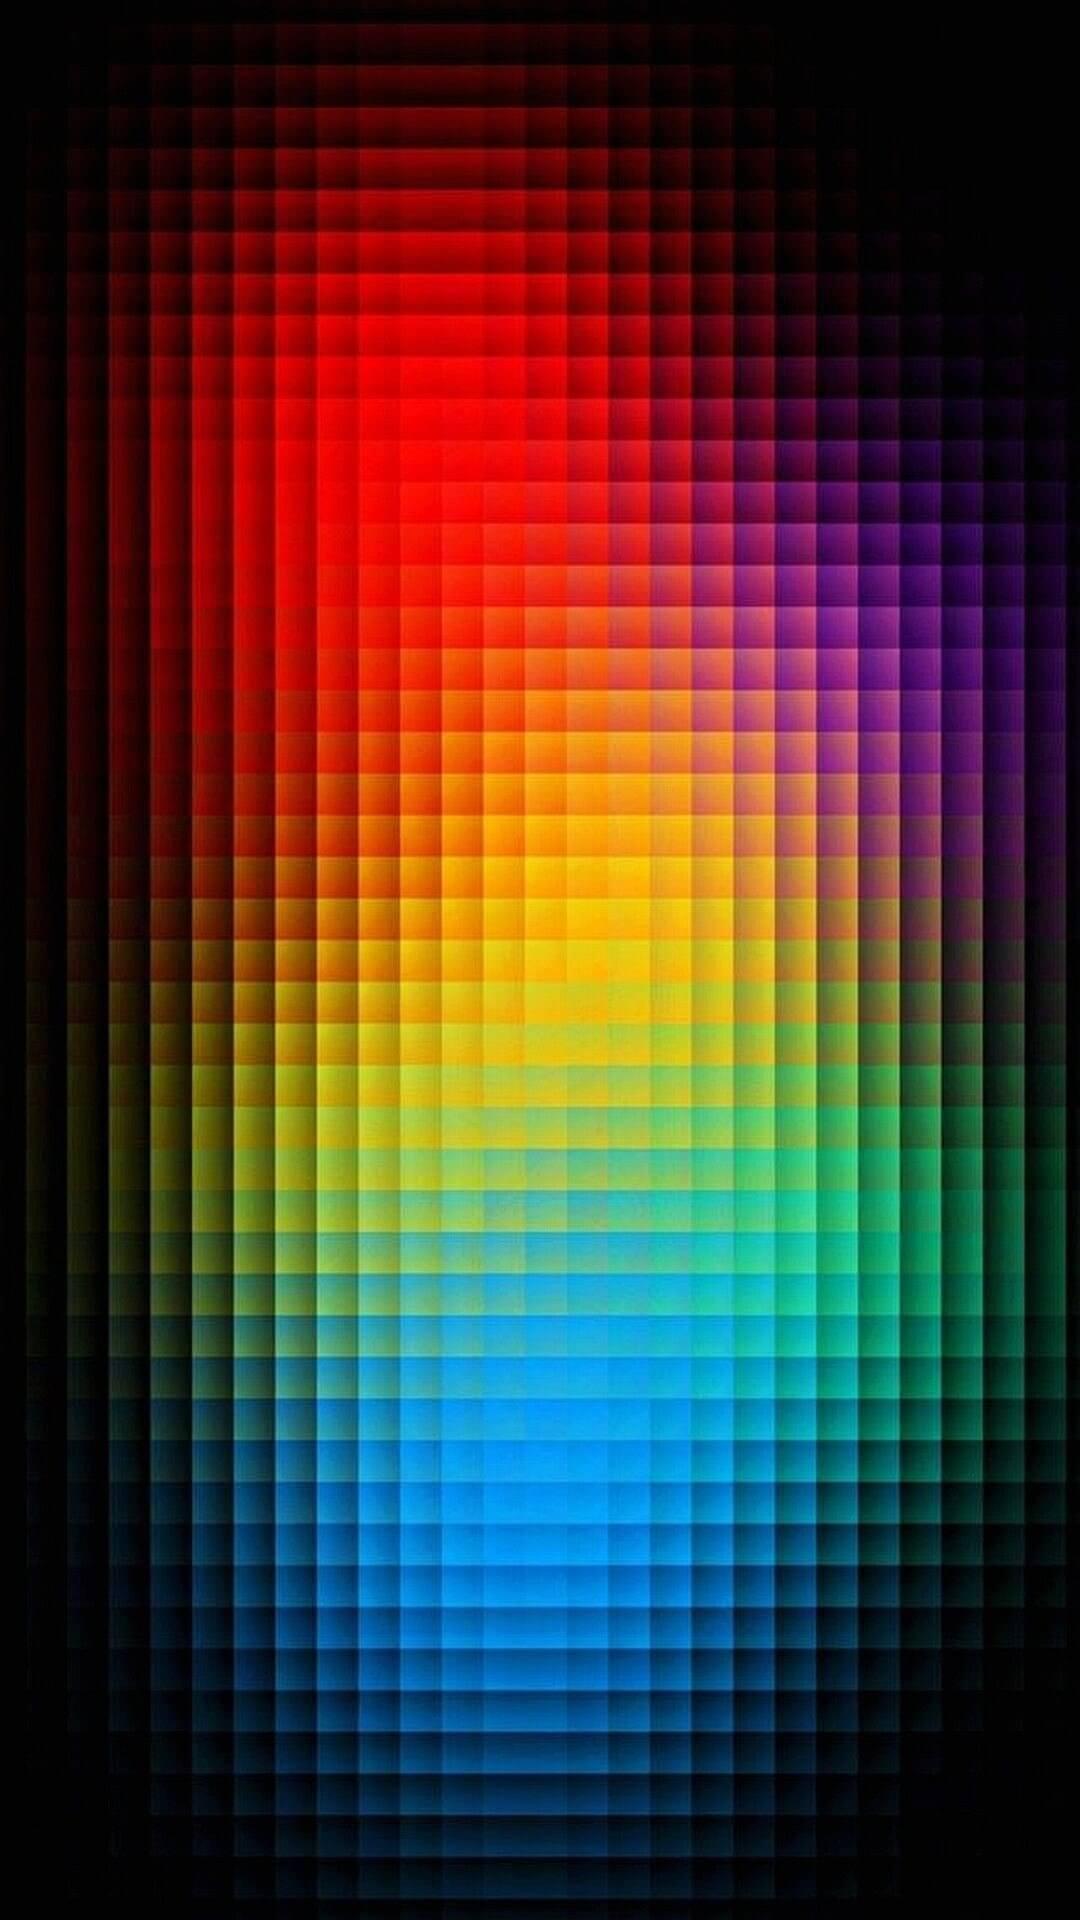 6 Fonds D écran Colorés Pour L Iphone 7 Iphone Soft